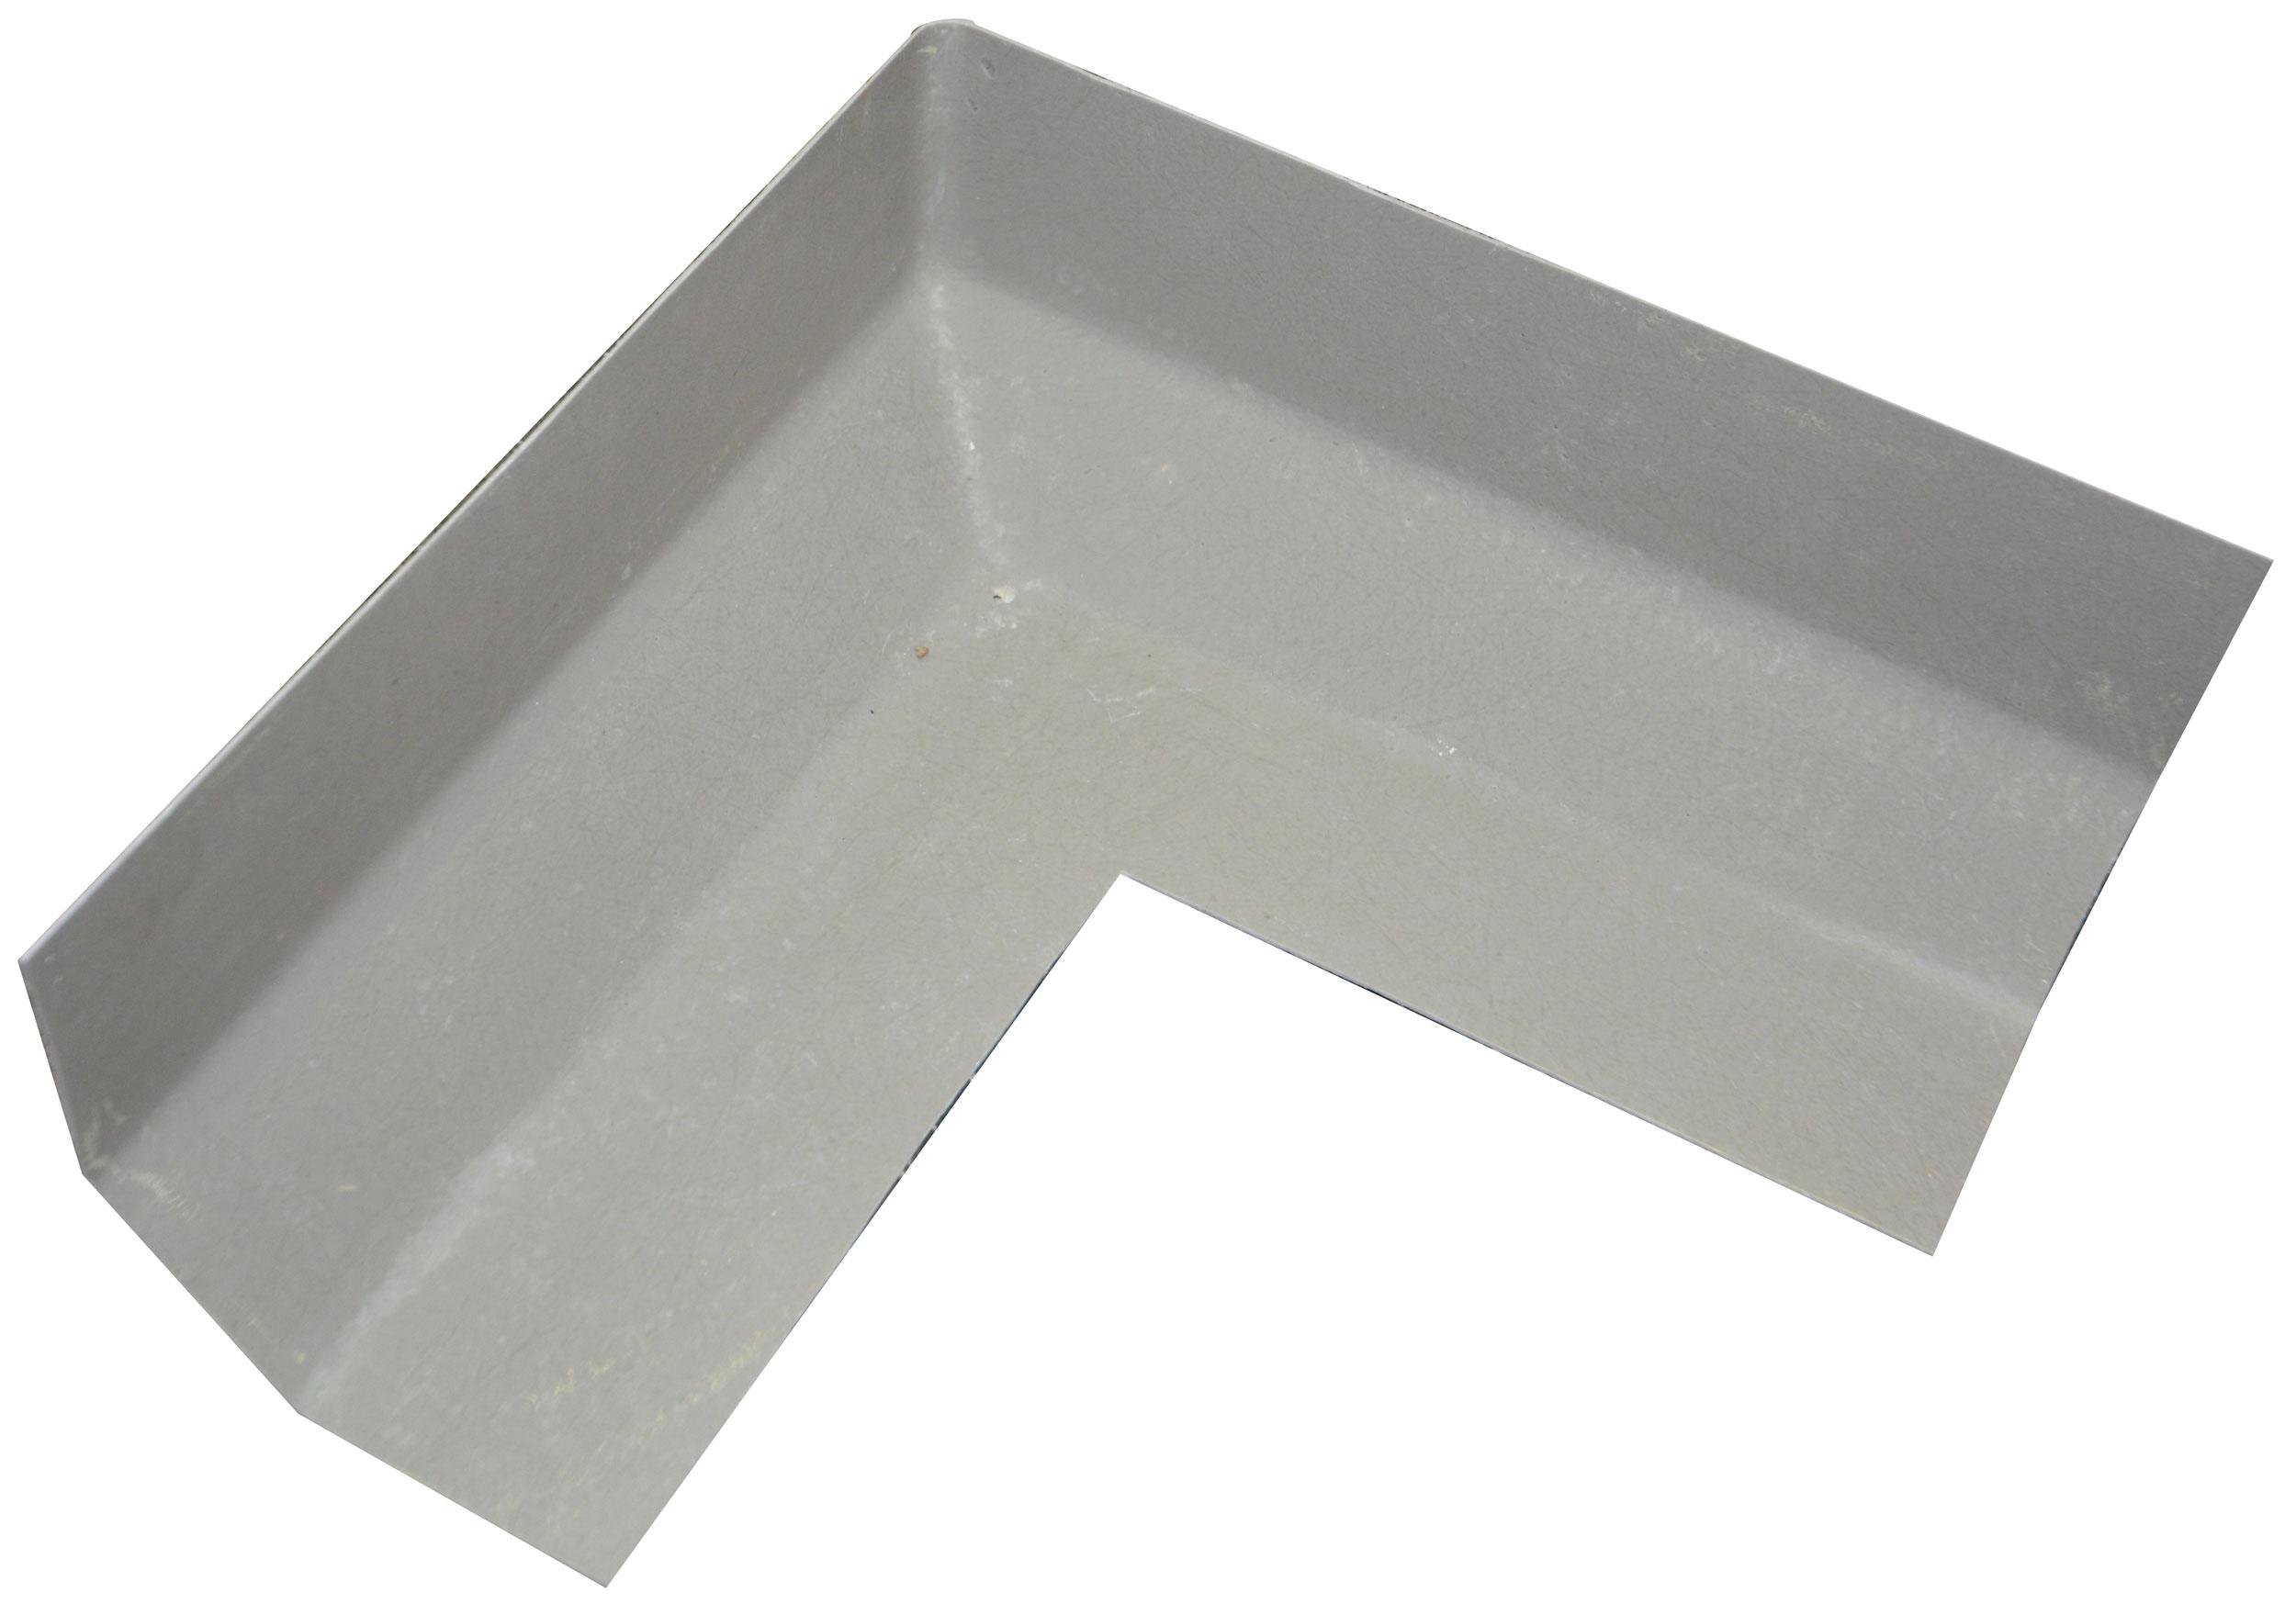 C3 Internal Fillet Corner